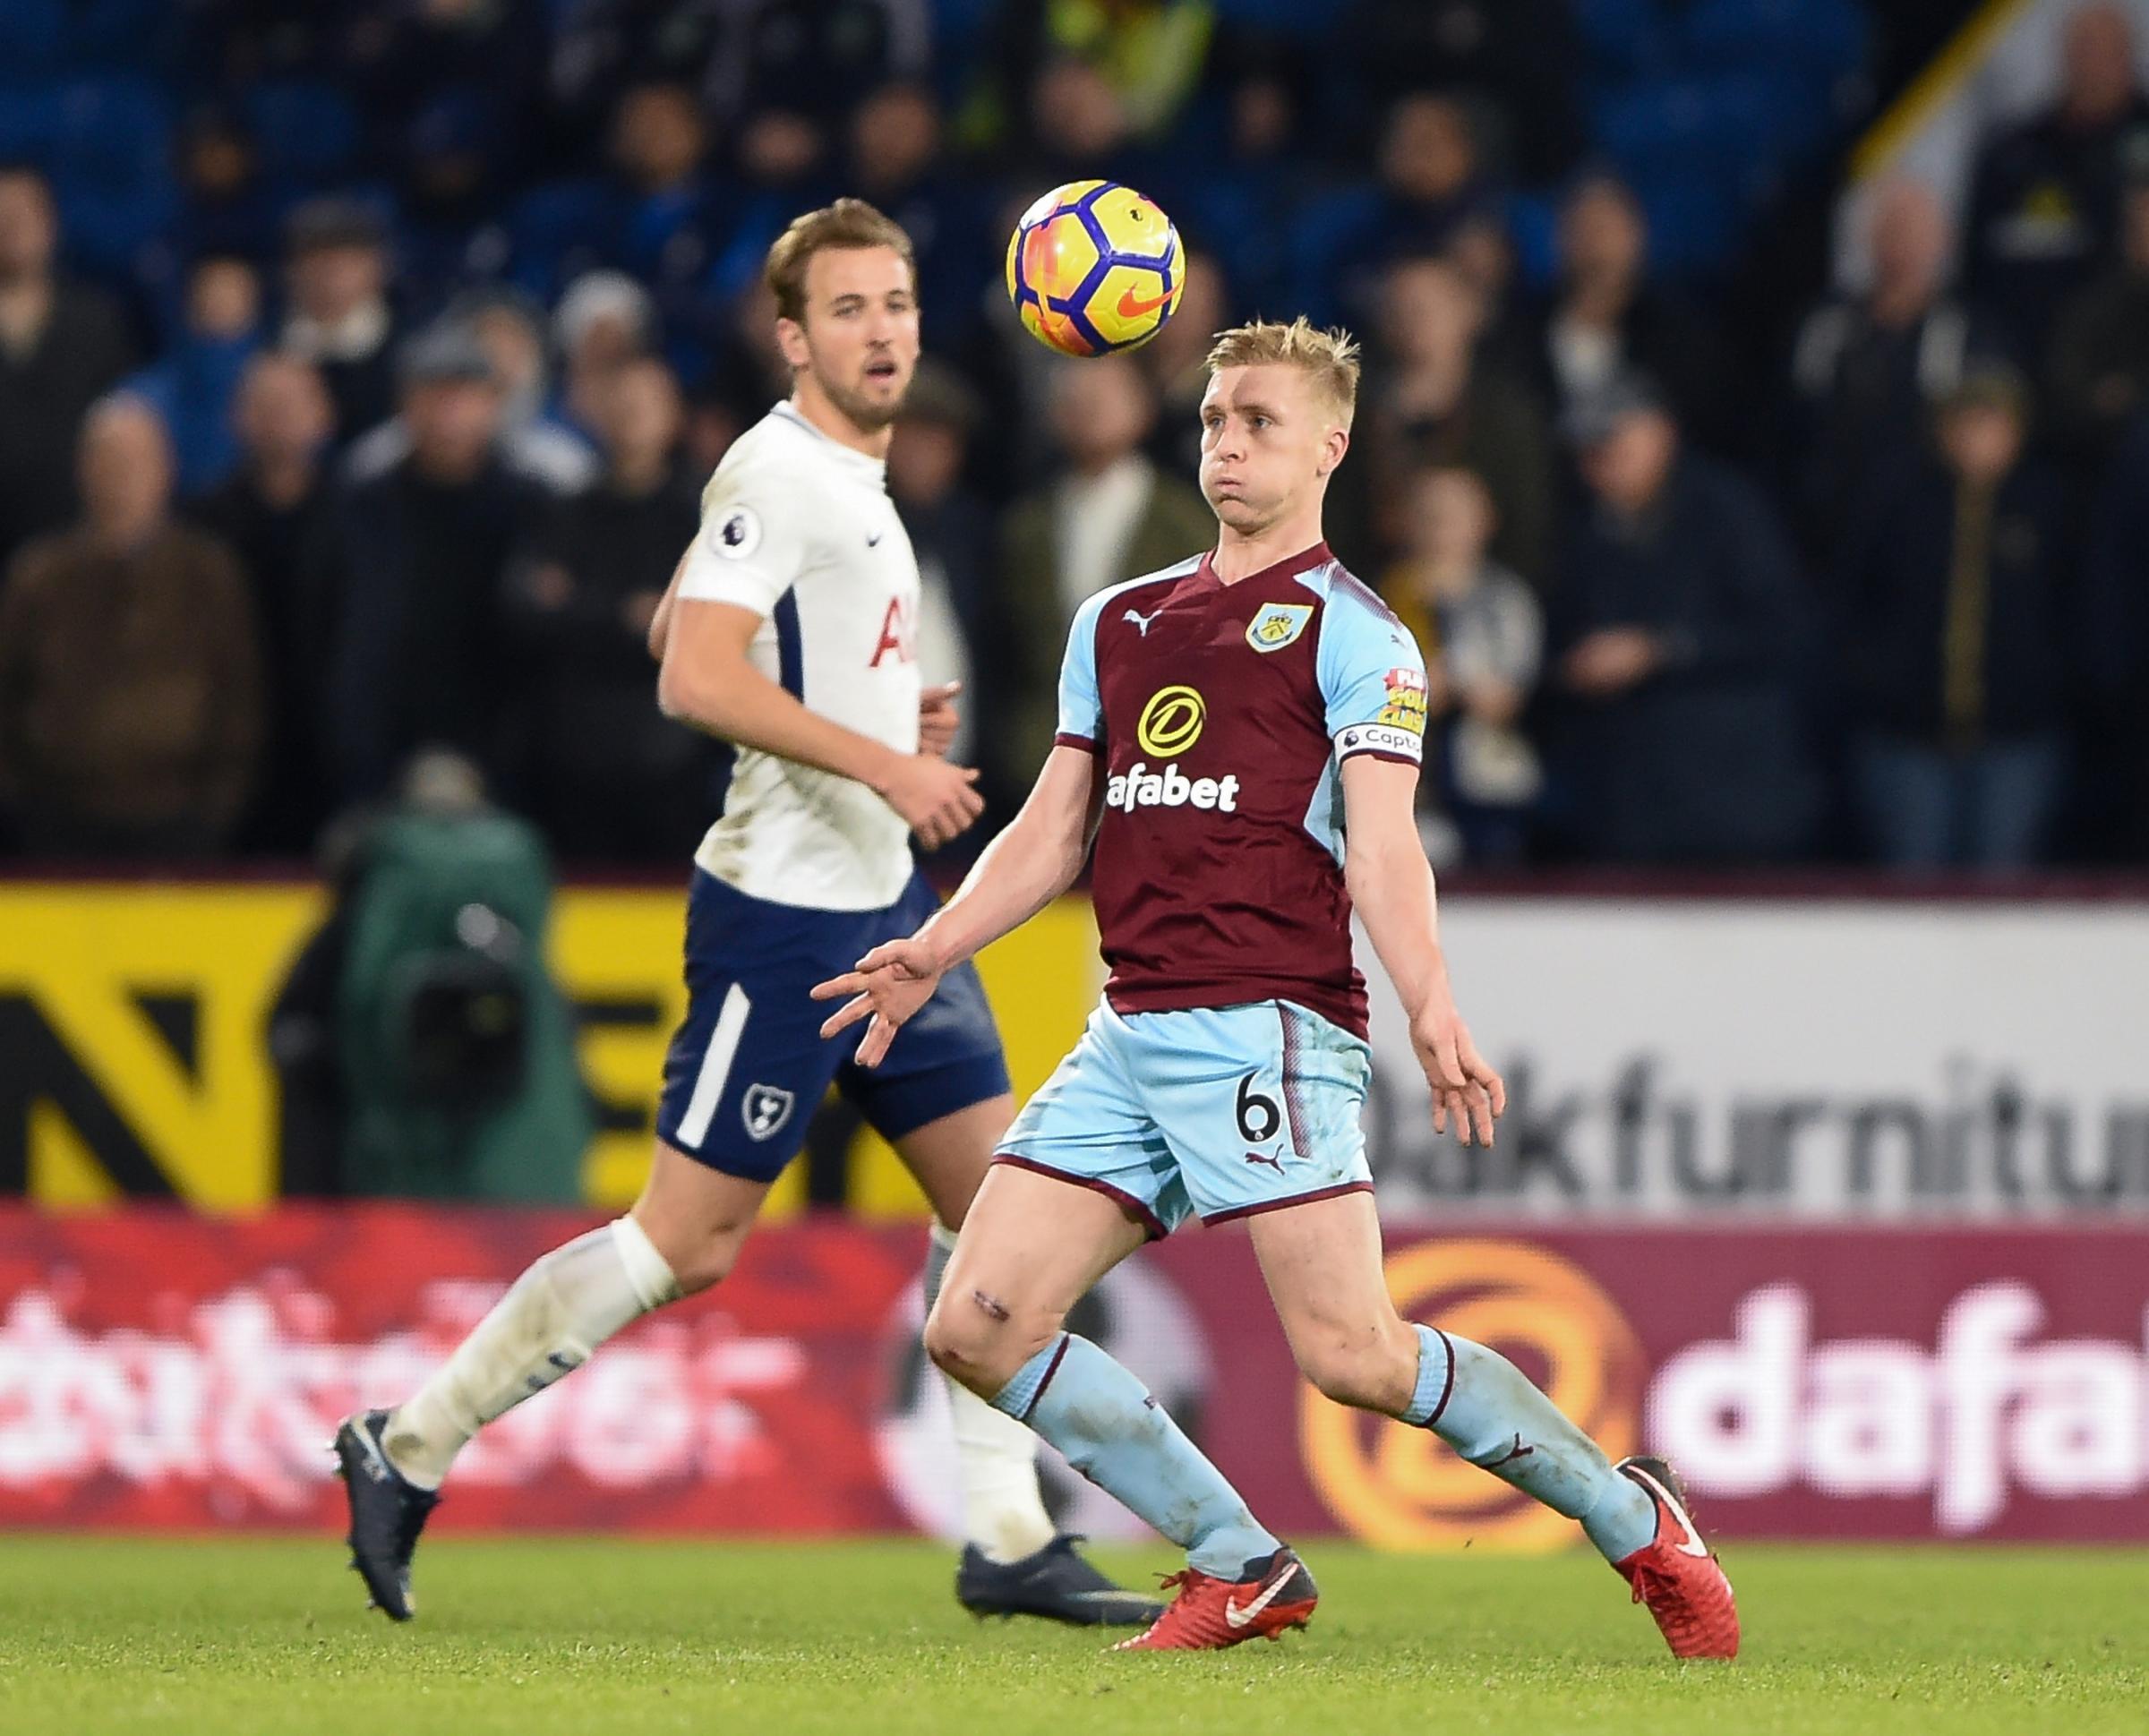 Burnley's Ben Mee on how to stop Tottenham striker Harry Kane ...